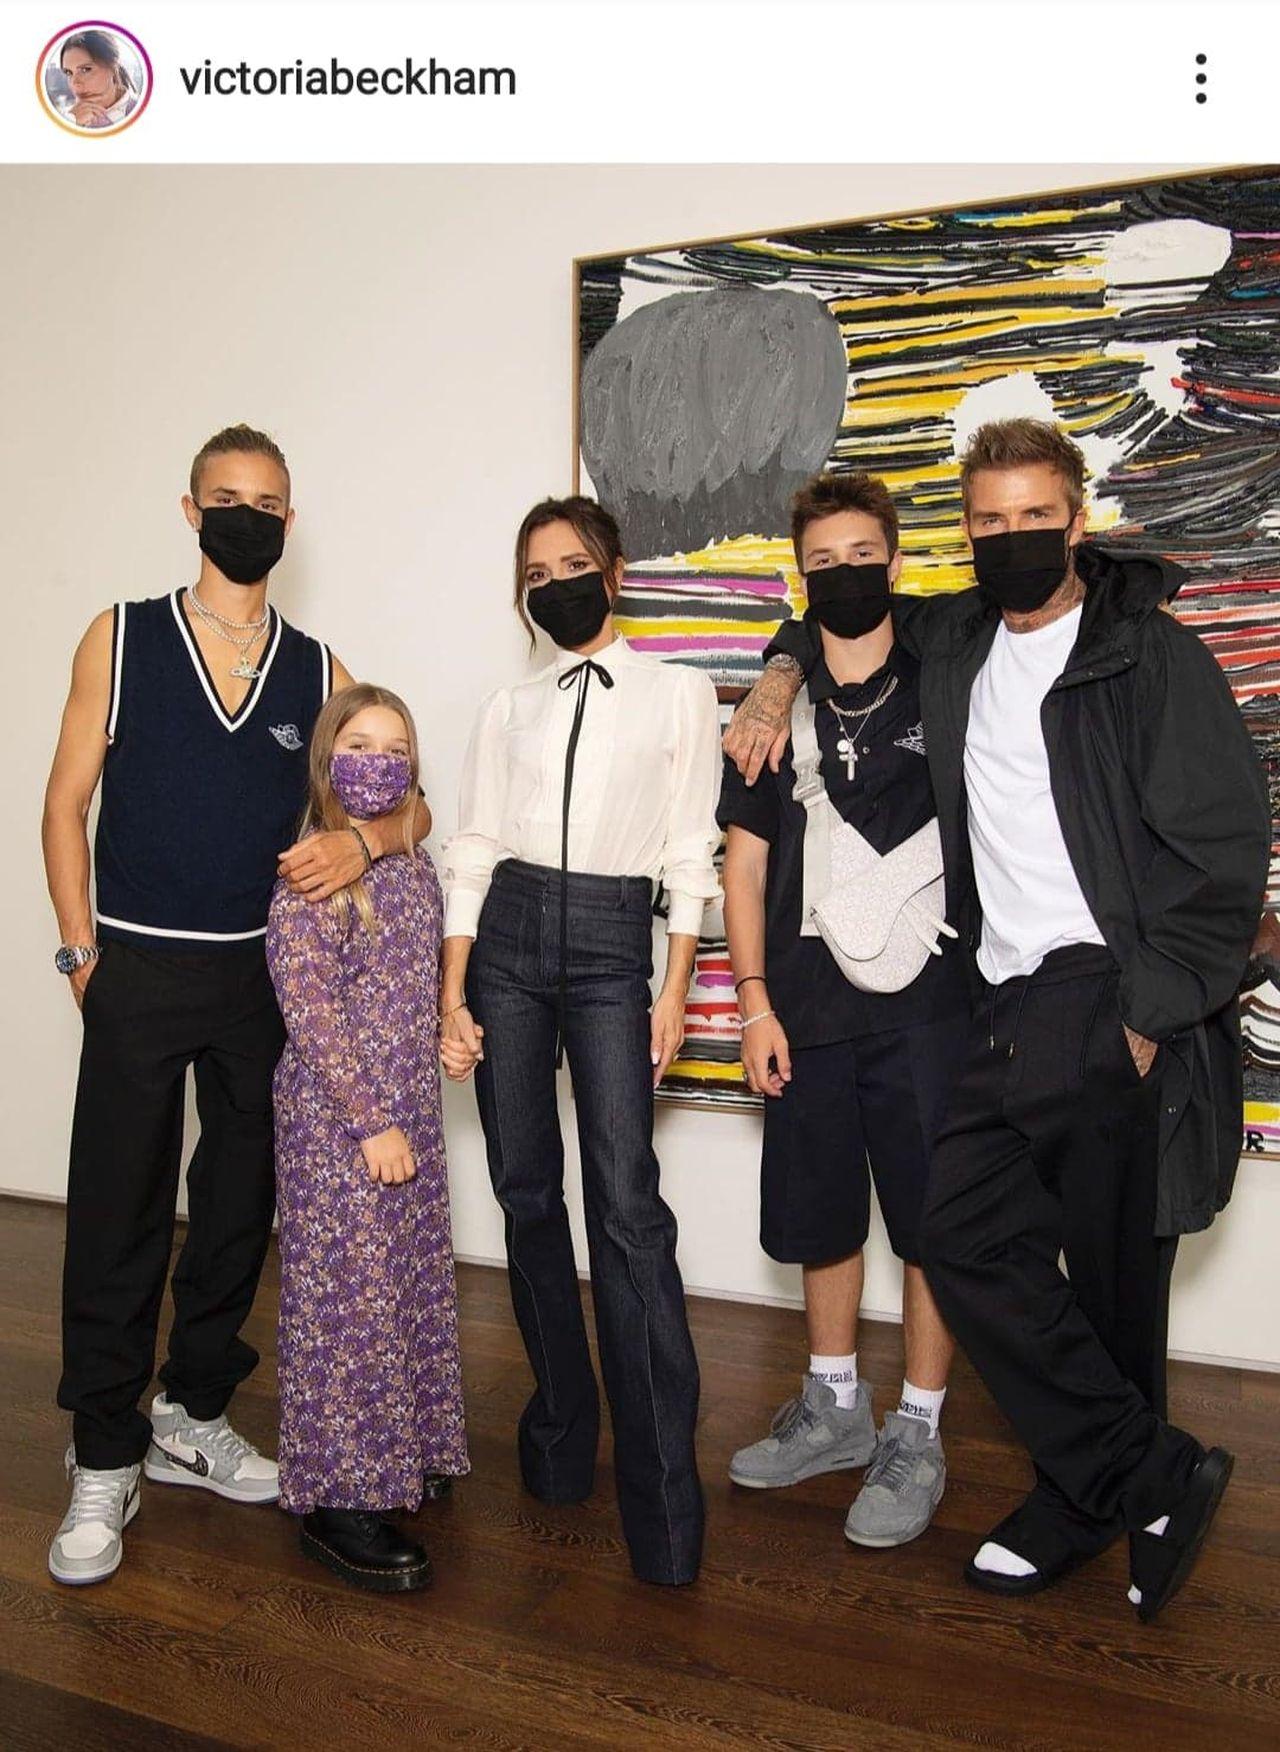 Rodzina Beckhamów w maseczkach